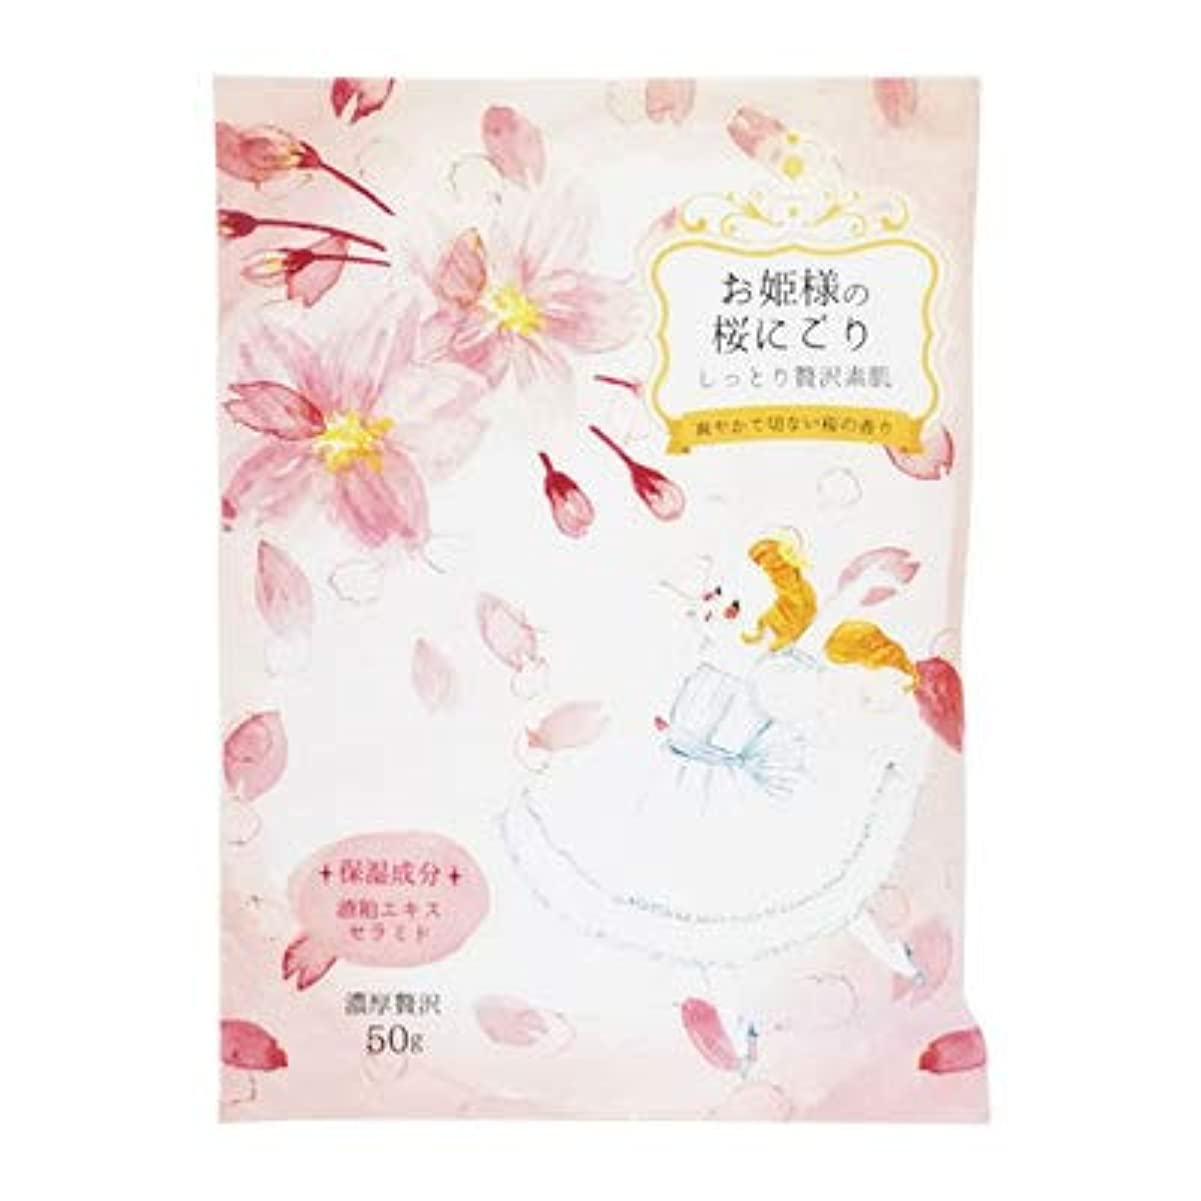 しないリースレーニン主義【まとめ買い3個セット】 お姫様風呂 桜にごり